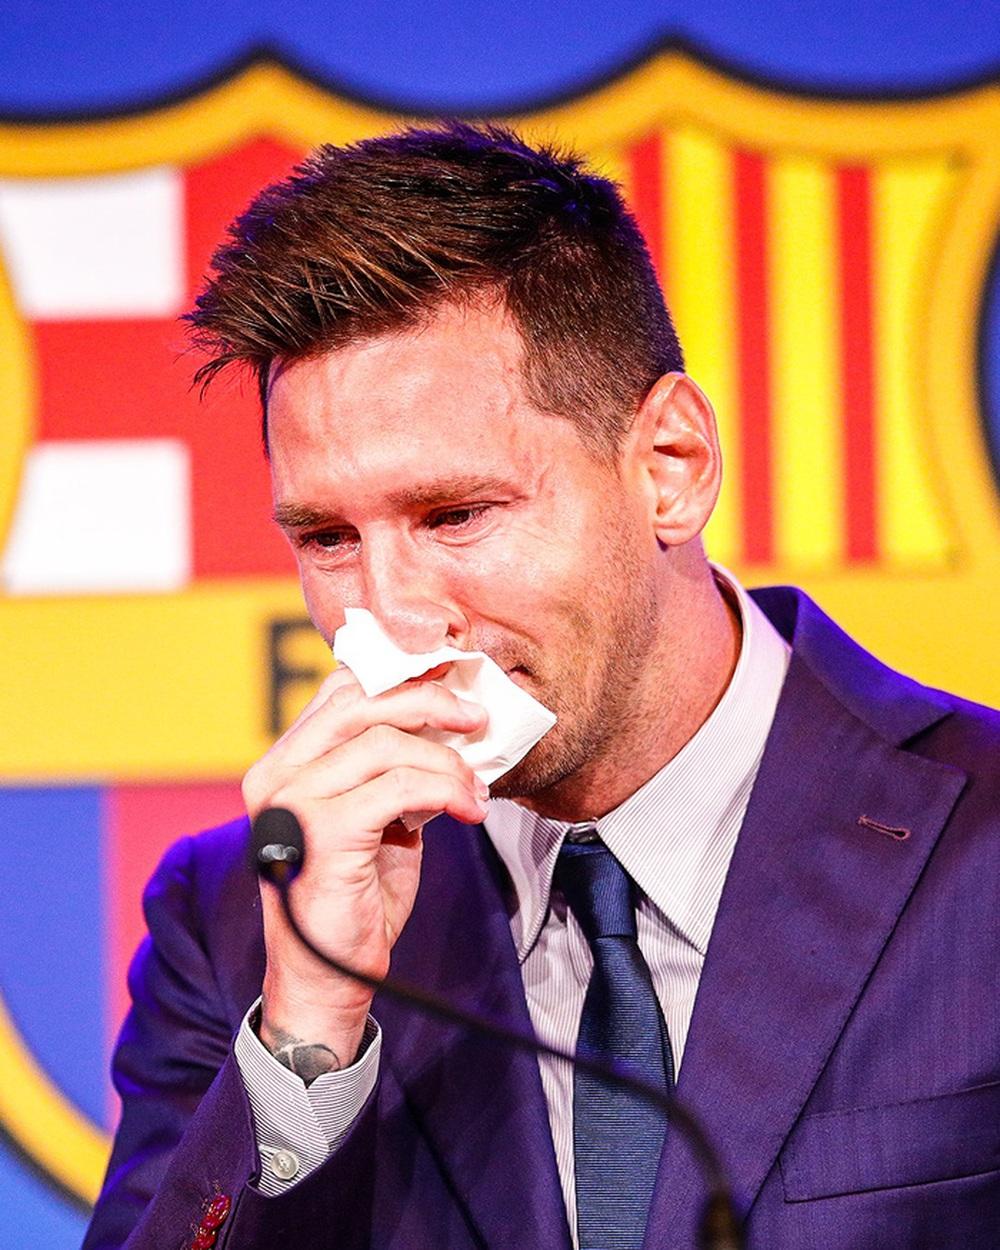 Messi khóc nức nở ngay khi bước vào buổi họp báo chia tay Barcelona - Ảnh 1.